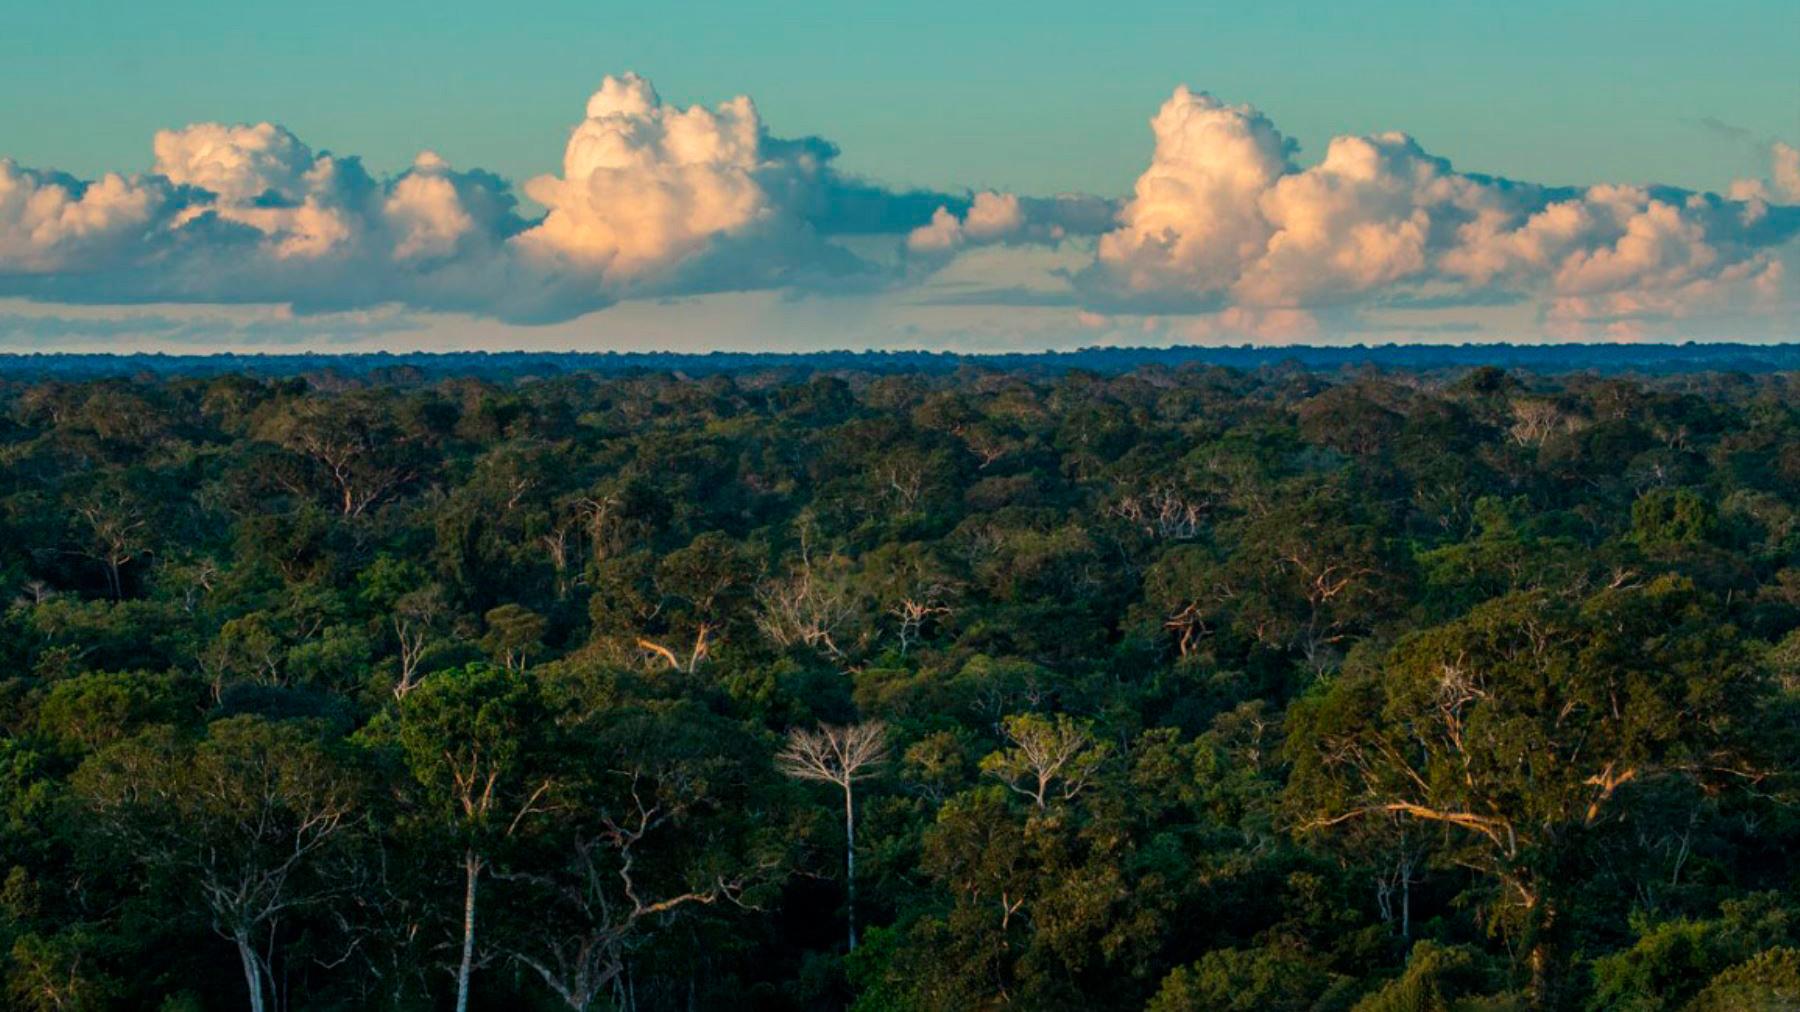 Manejo forestal sostenible en perspectiva, por MiriamCerdán Quiliano